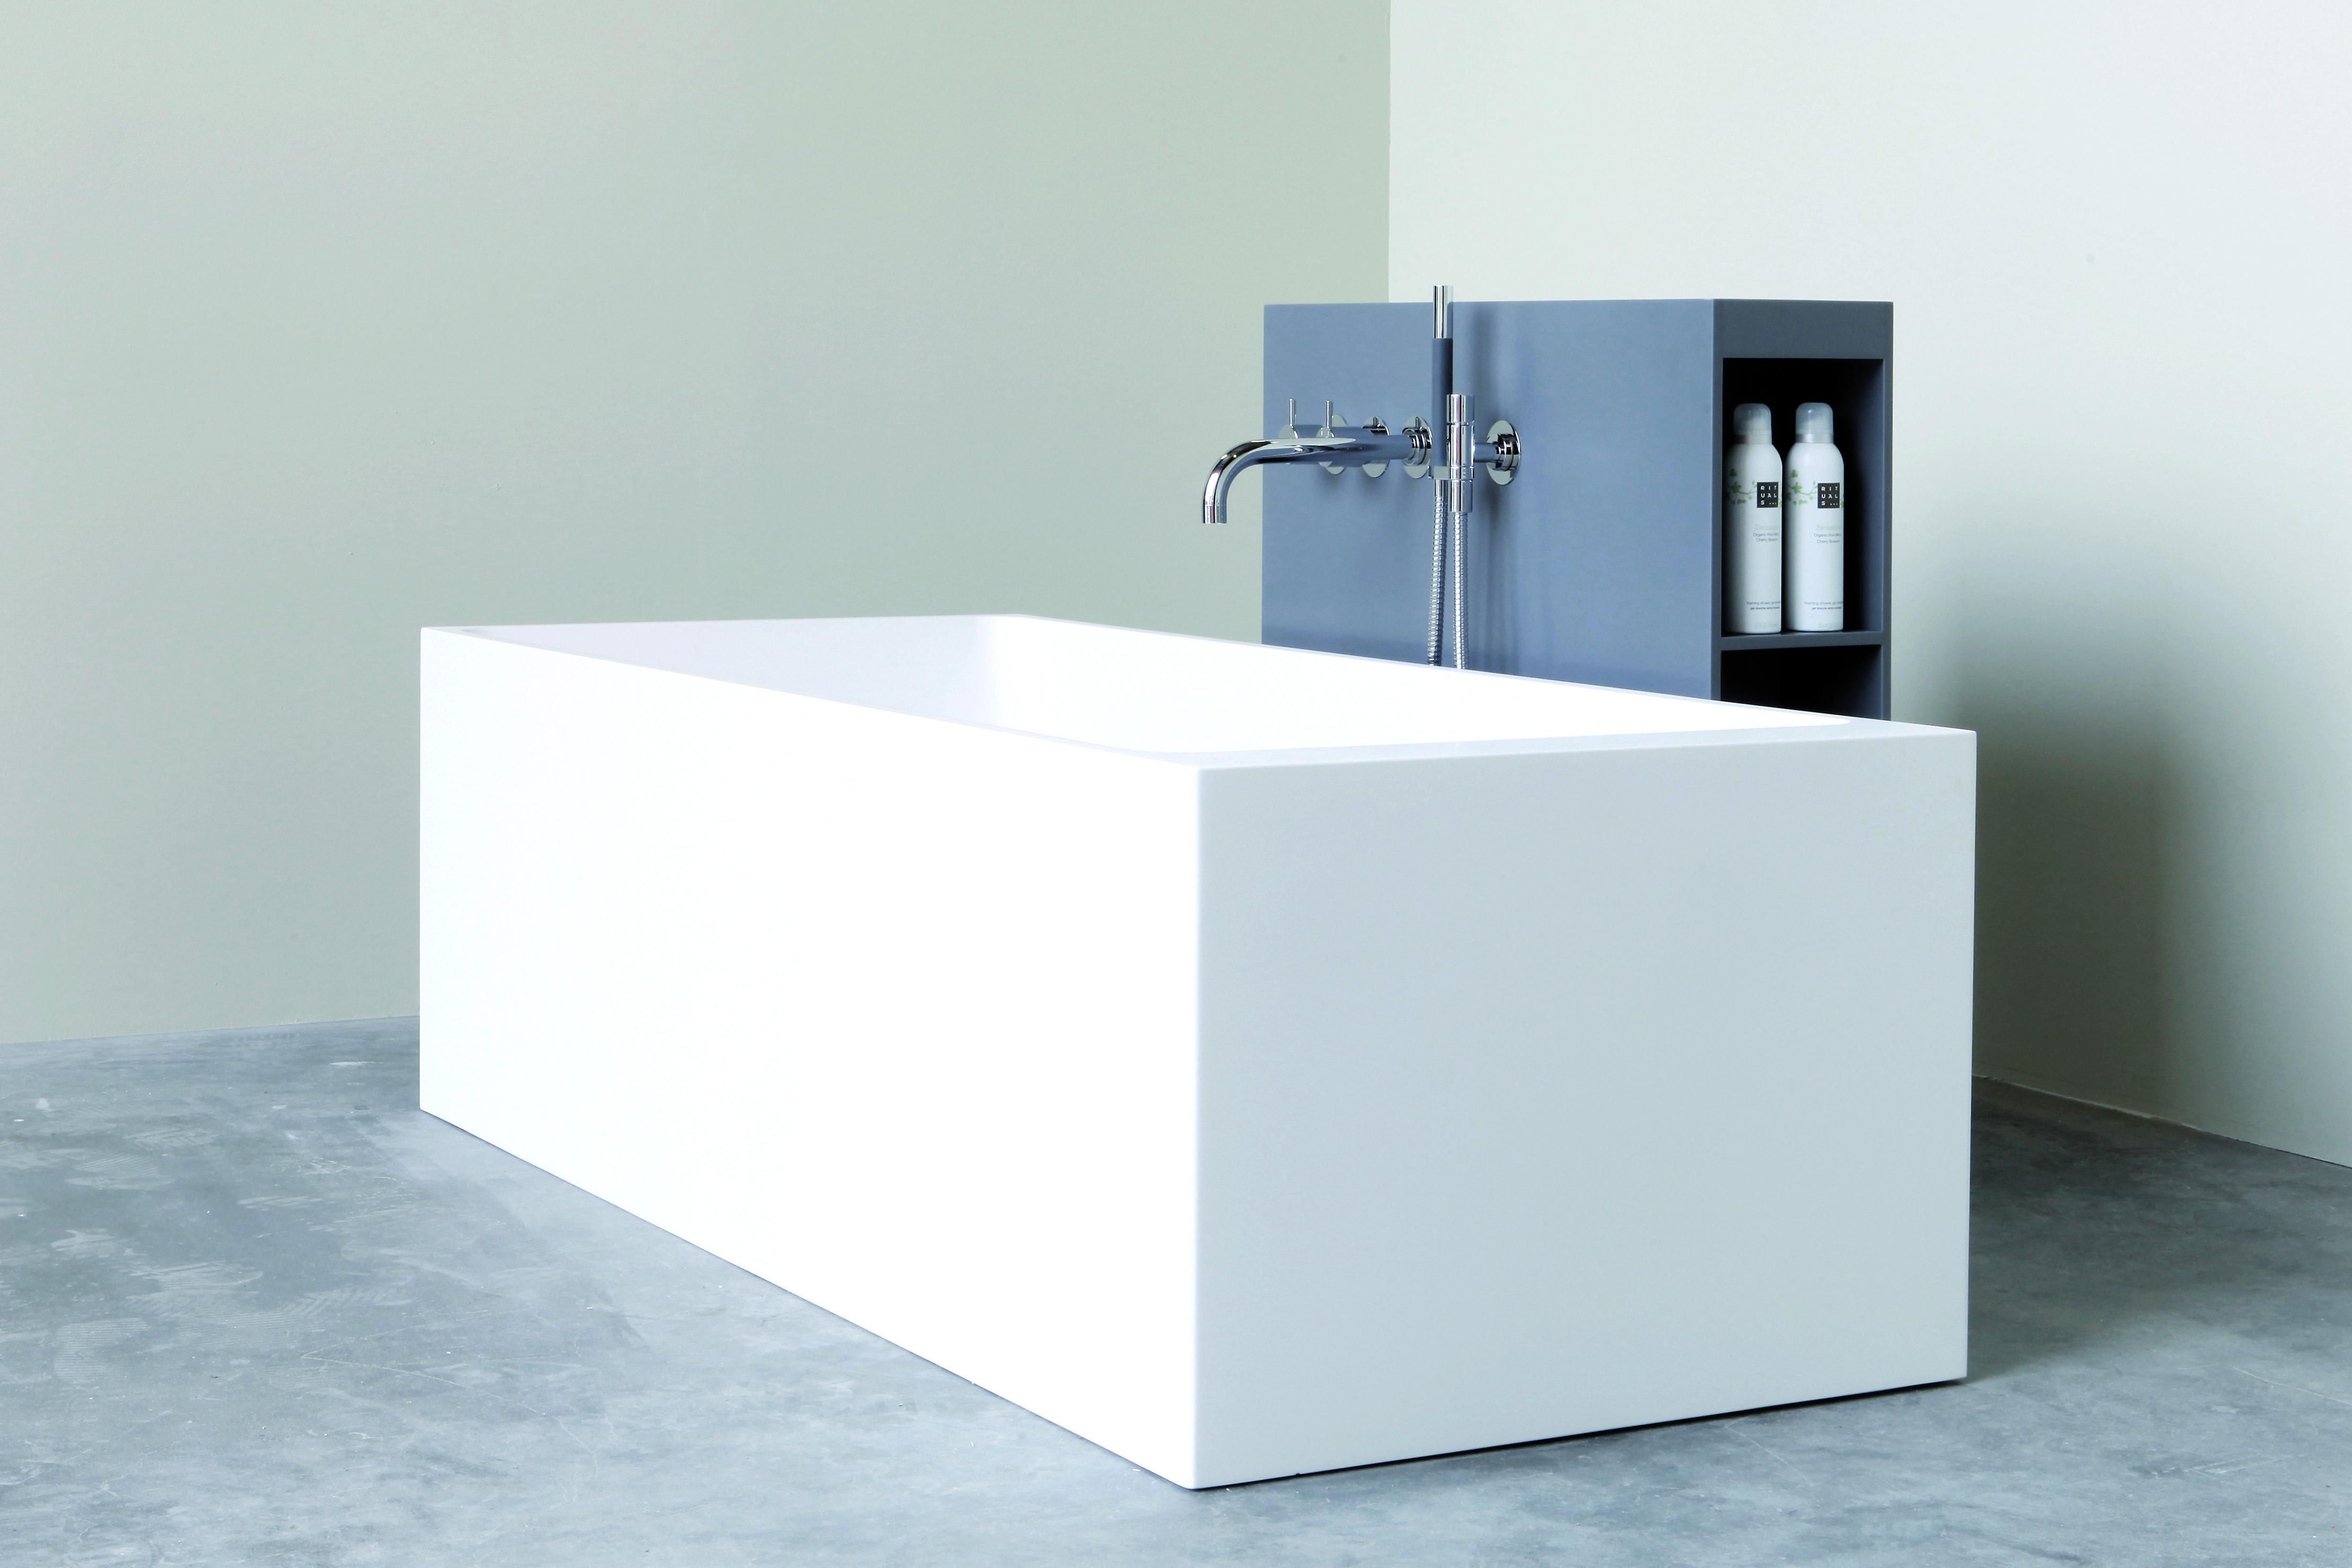 Eckige Badewanne Aus Mineralwerkstoff Badewanne Badezimmer Design Baden